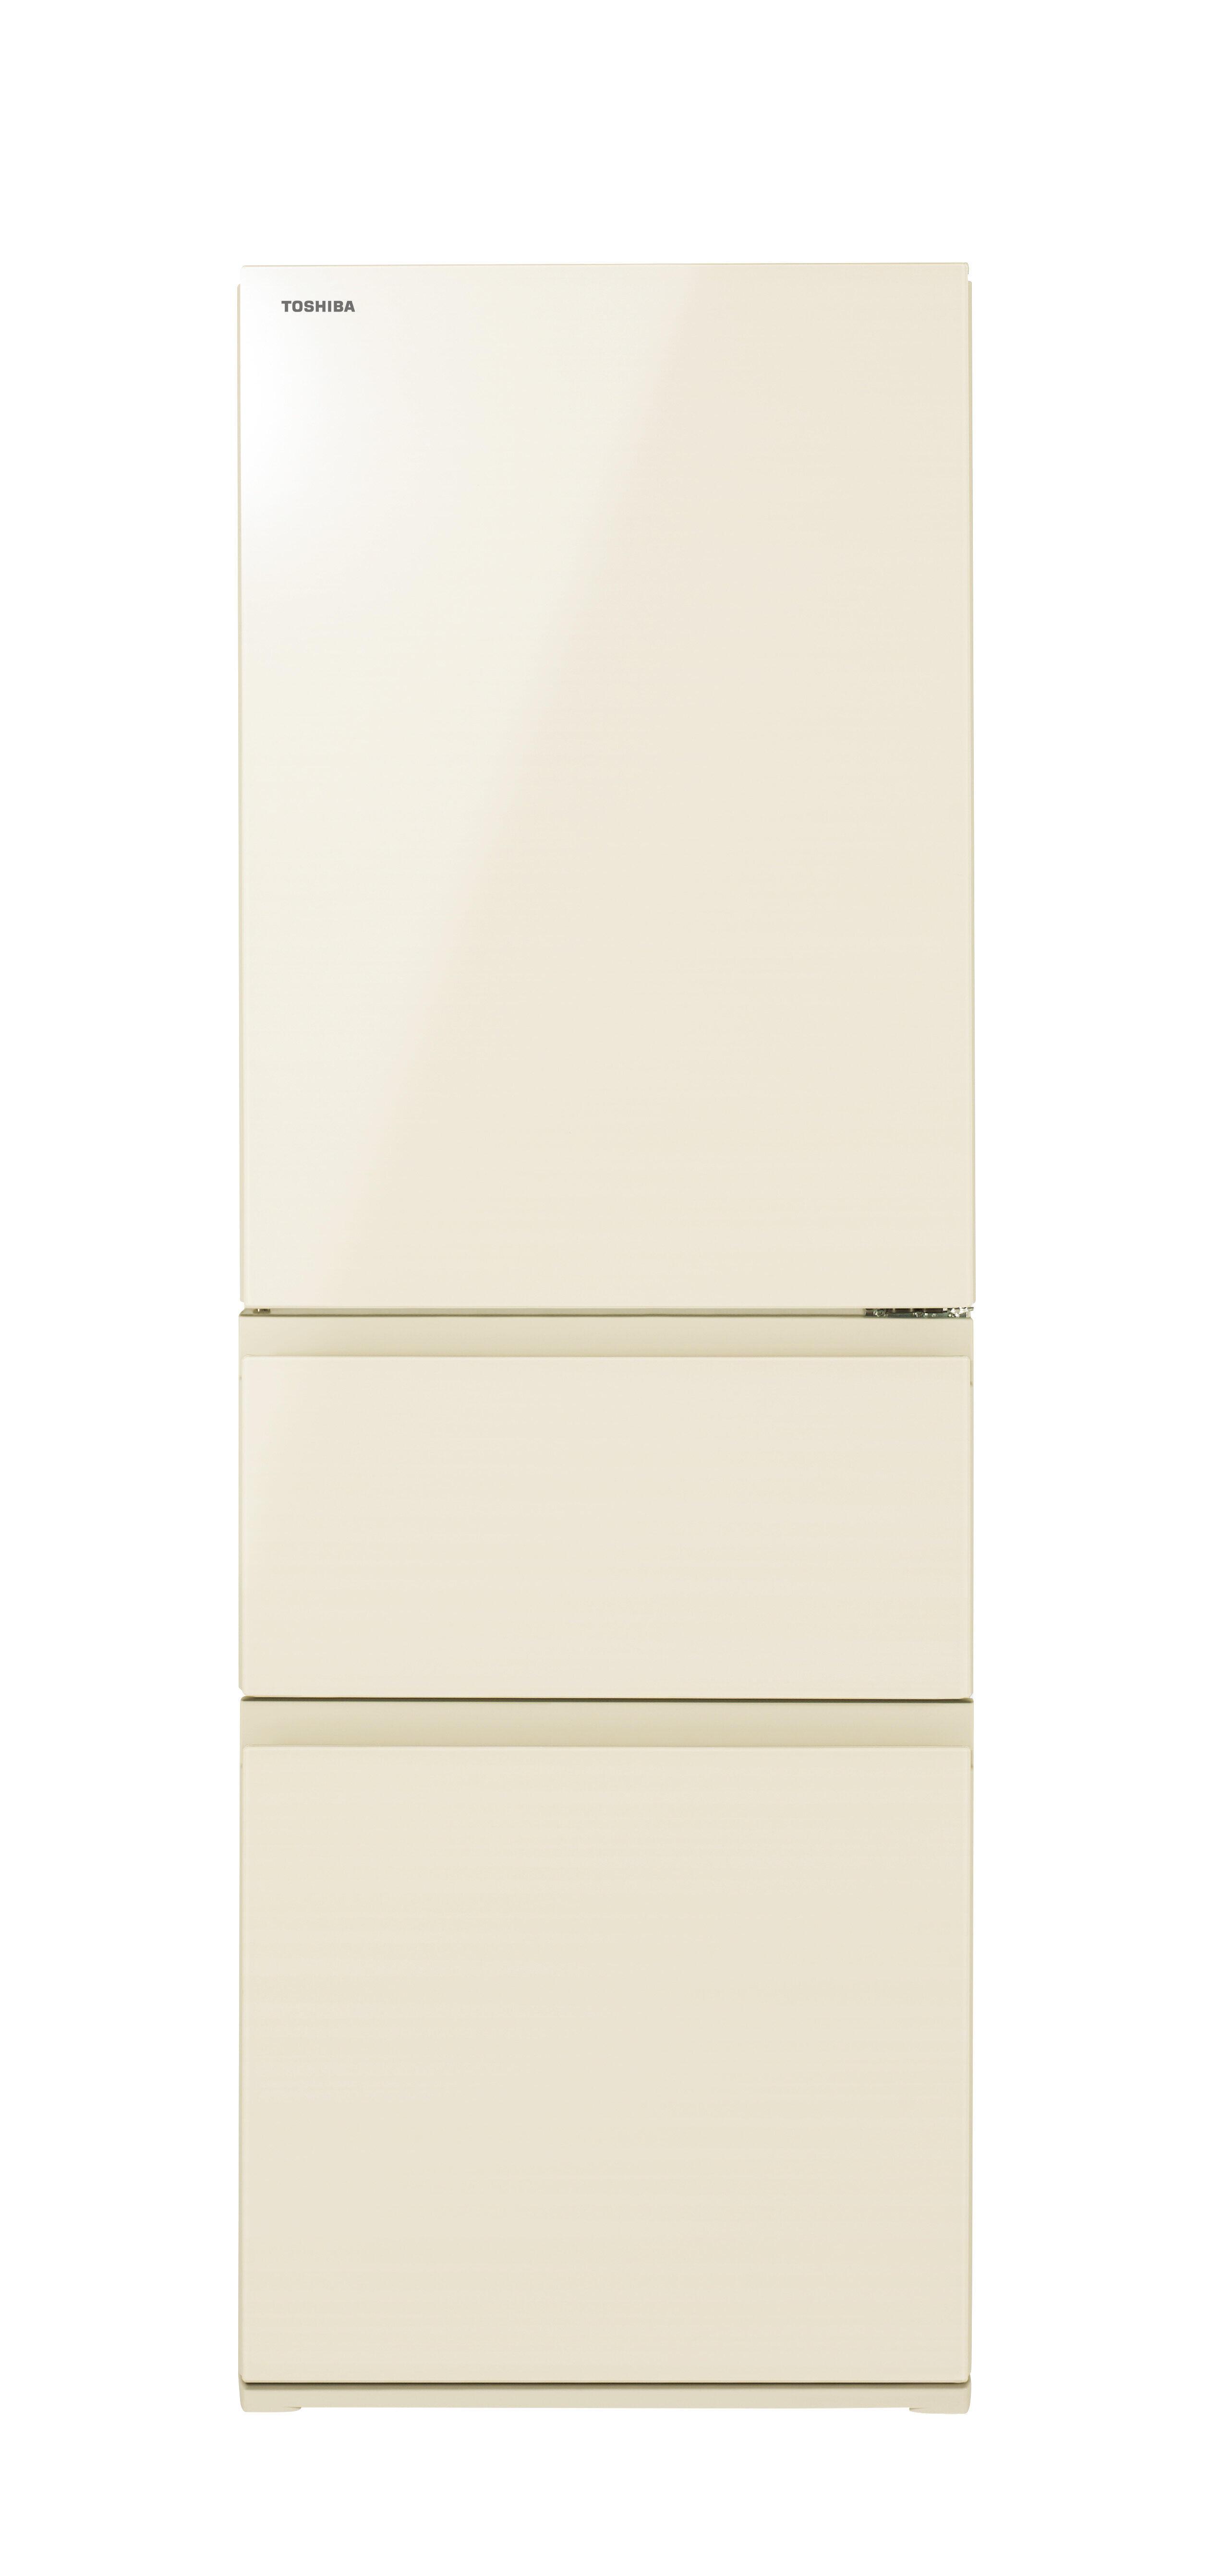 片手で高さ調節「フリードアポケット」 東芝の3ドア冷凍冷蔵庫「ベジータ」